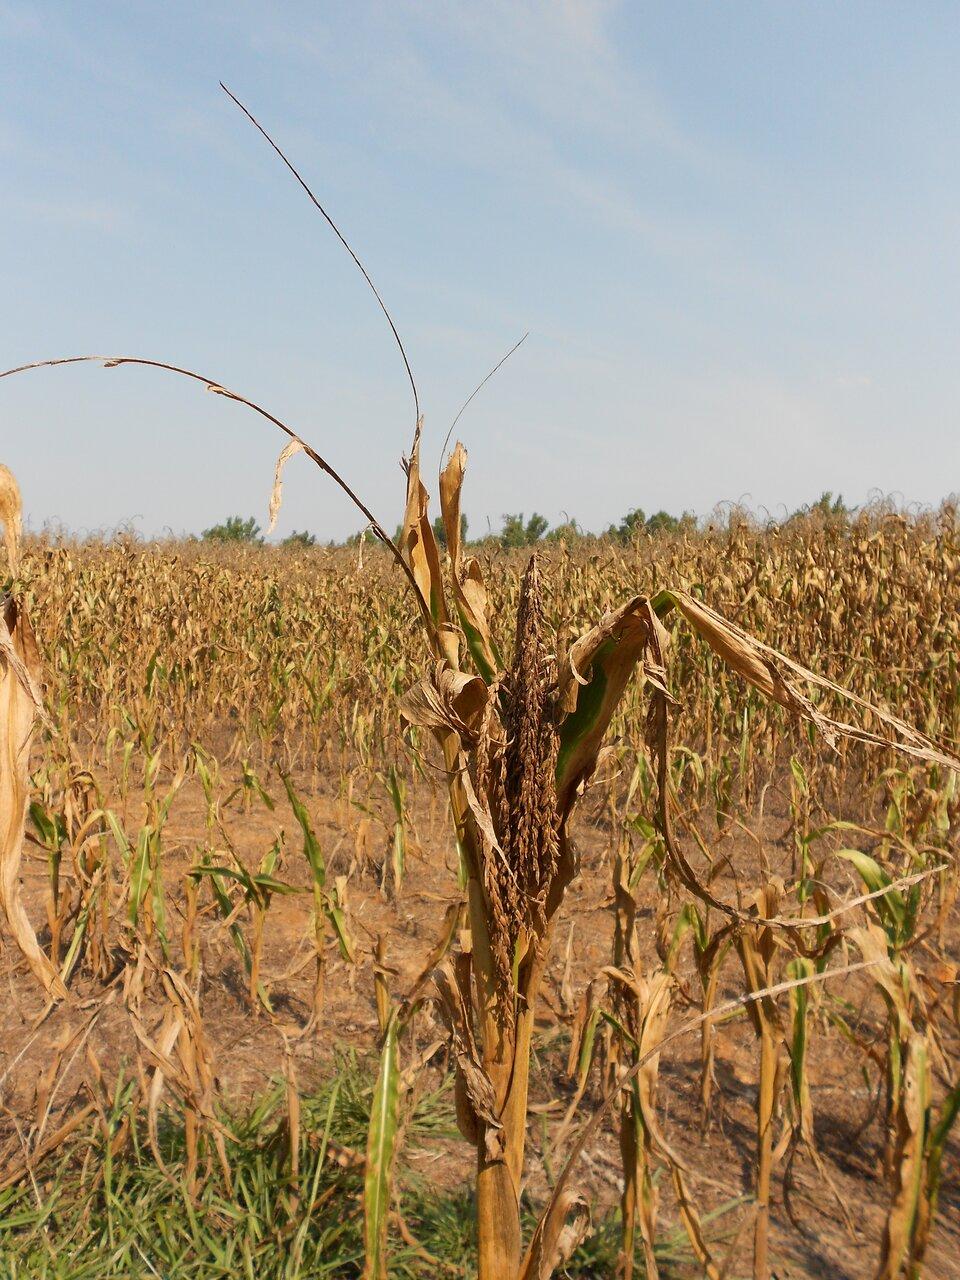 Kolorowe zdjęcie przedstawia pole wysuszonej kukurydzy. Słoneczny dzień. Dolna połowa zdjęcia to wysuszona gleba na polu. Na polu pionowo rosnąca kukurydza. Na pierwszym planie pojedyncza kukurydza zwysuszonym kwiatem. Liście brązowe, pozwijane do wewnątrz. Na drugim planie pole obrośnięte do połowy wyschniętymi łodygami kukurydzy. Liście kukurydzy brązowe. Wewnętrzna część liści zielona. Kwiaty wyschnięte na końcu łodygi kukurydzy.